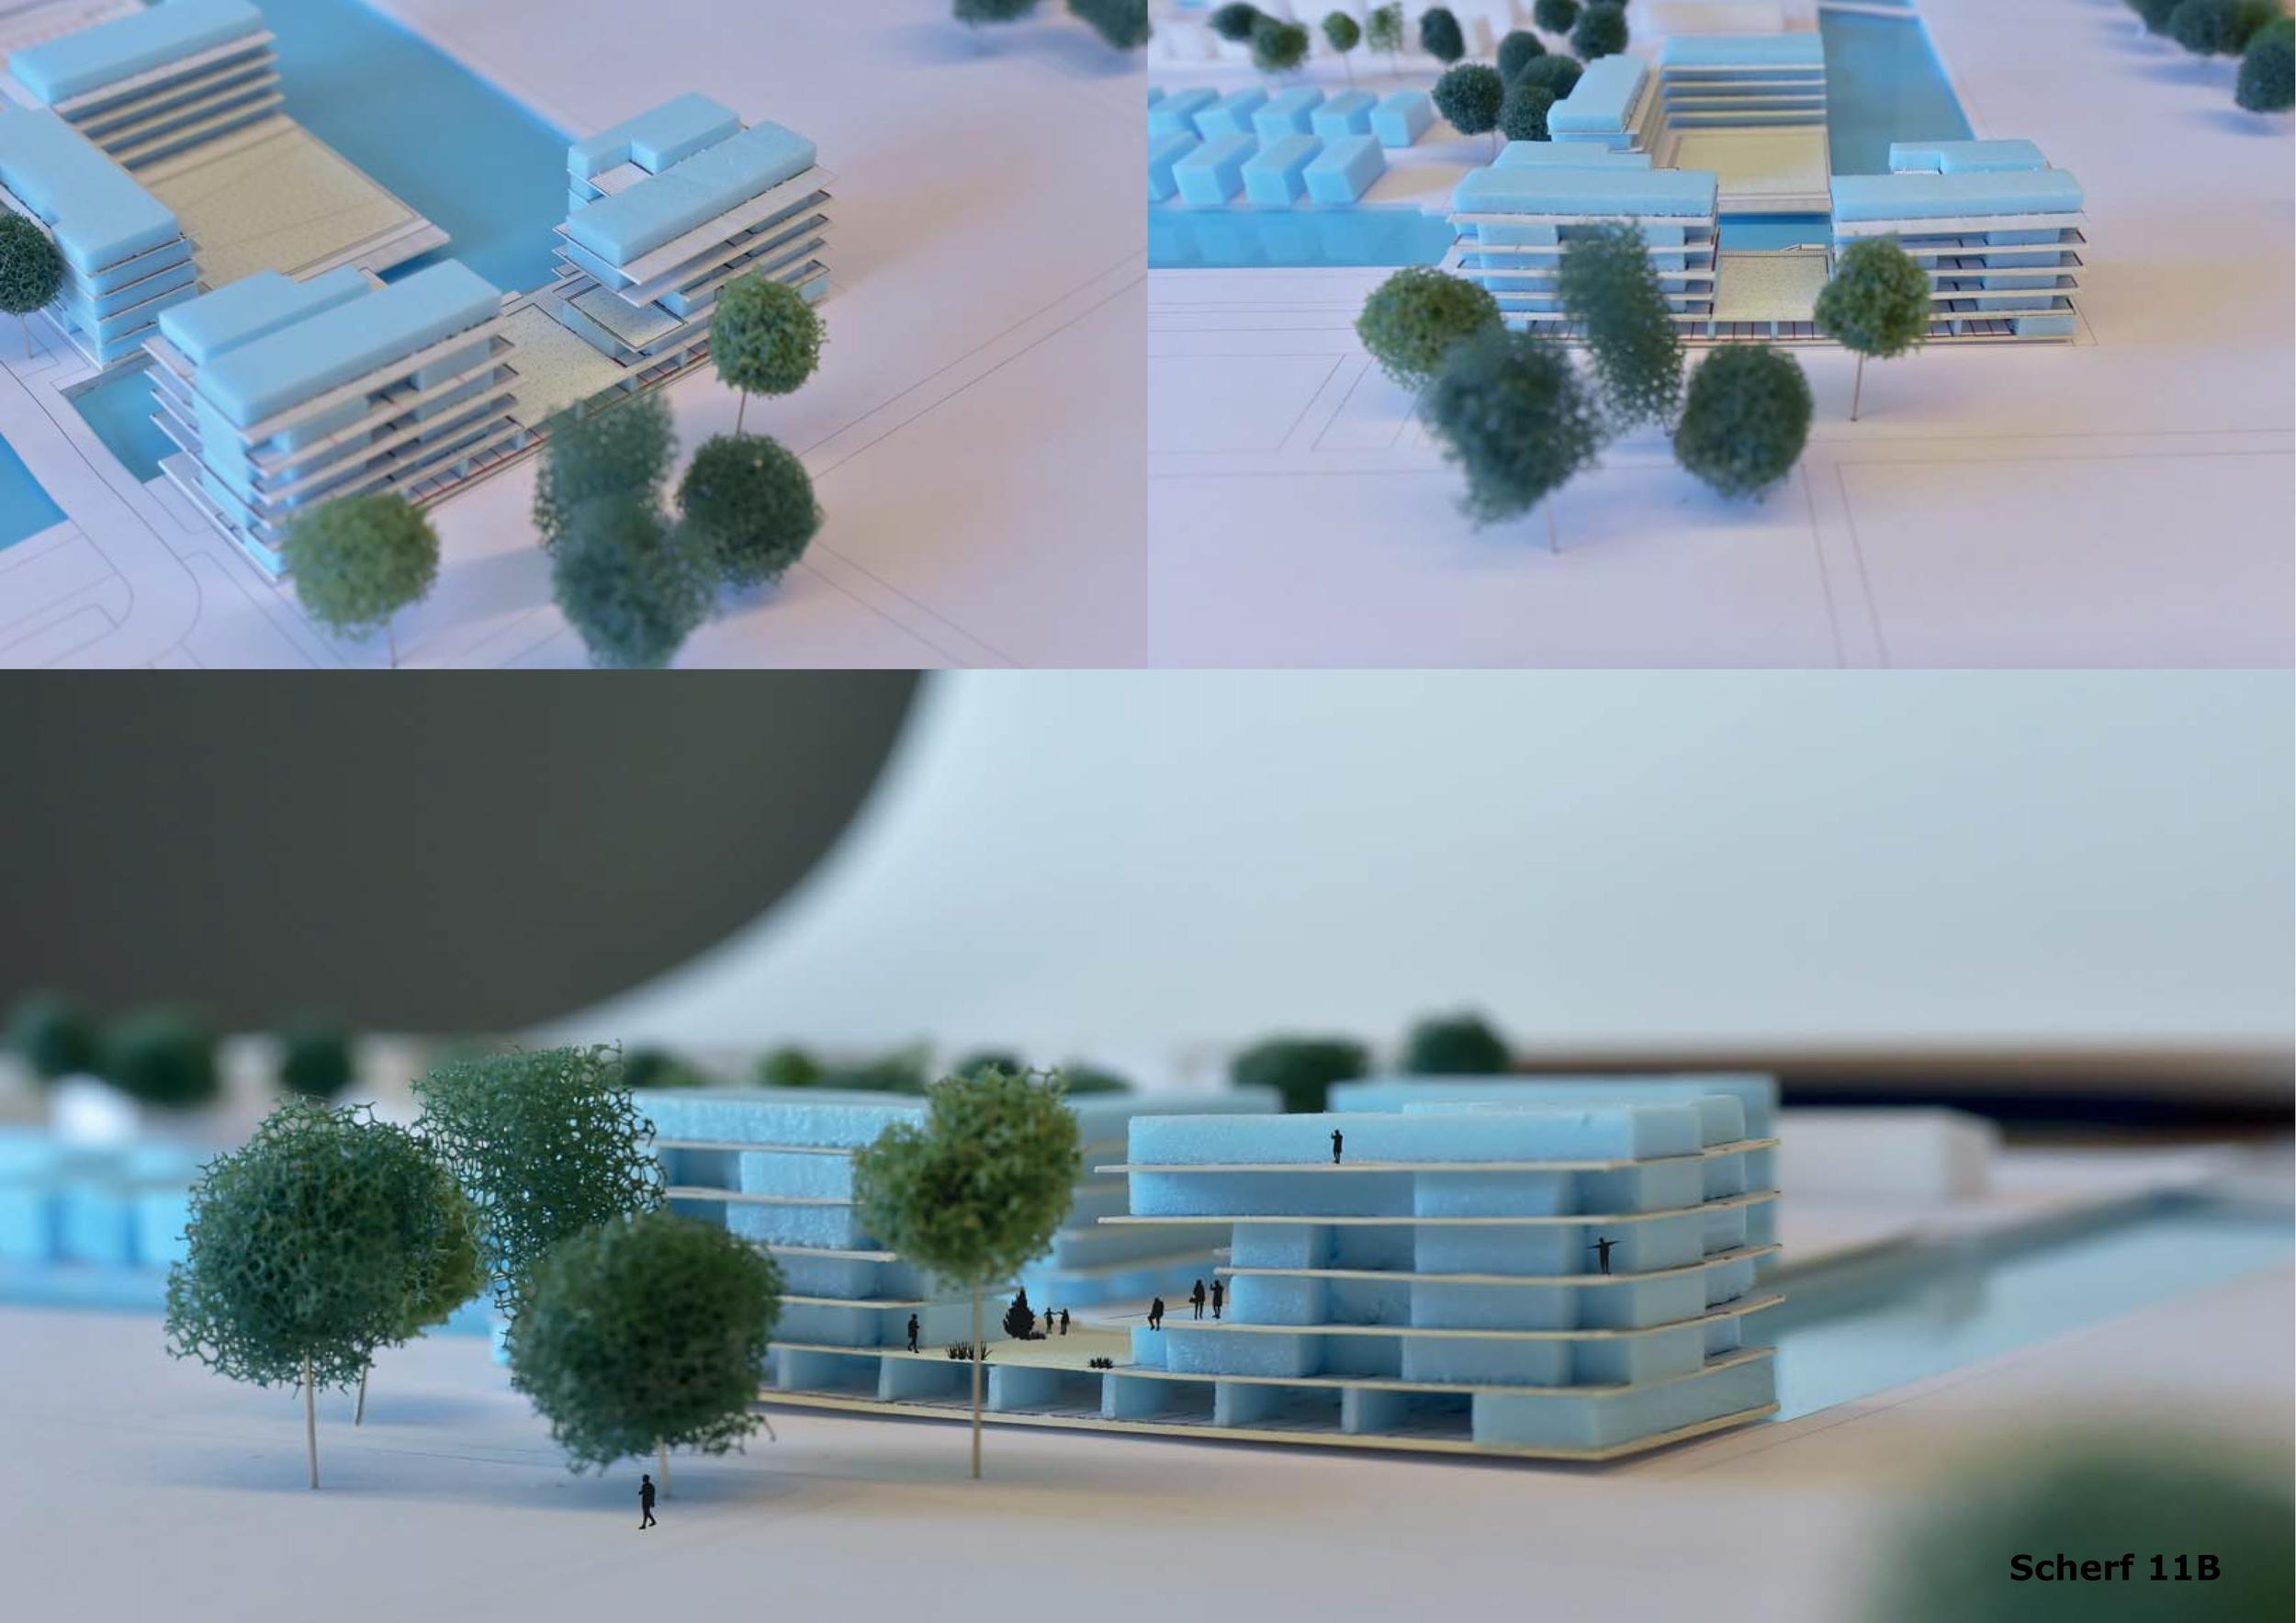 Scherf 11B maquette.jpg